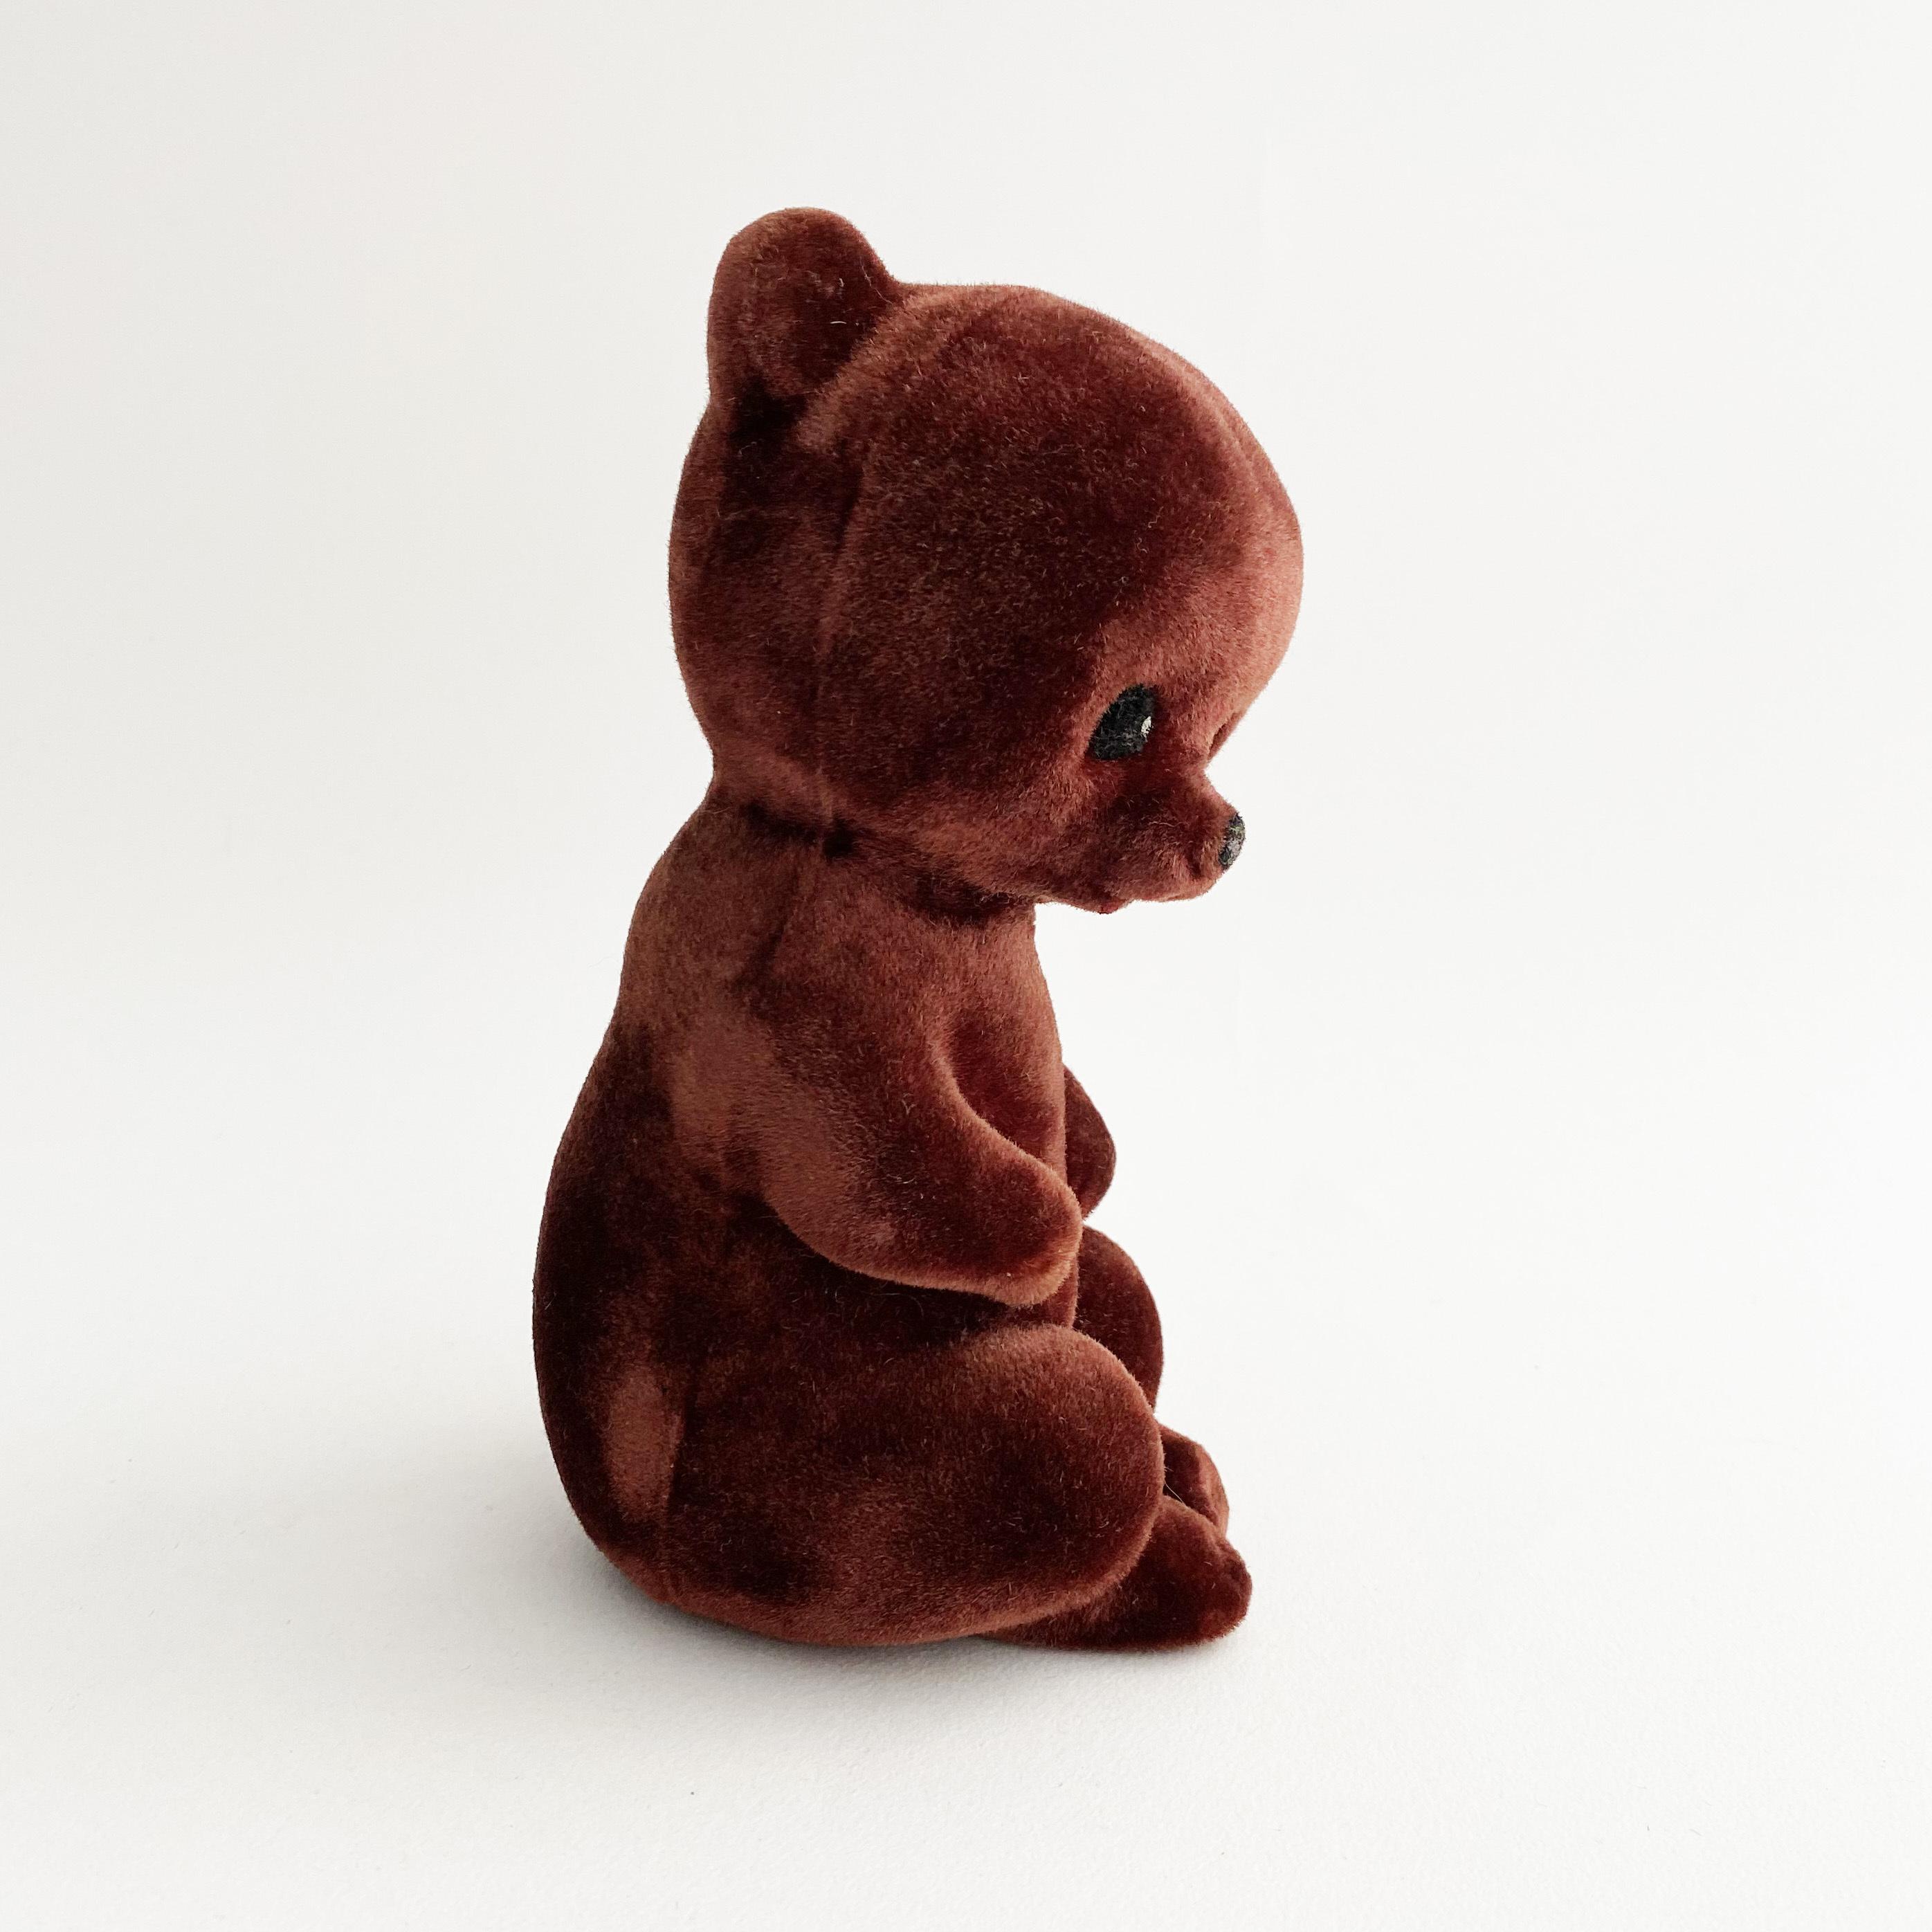 スポンジ人形(クマ/茶)